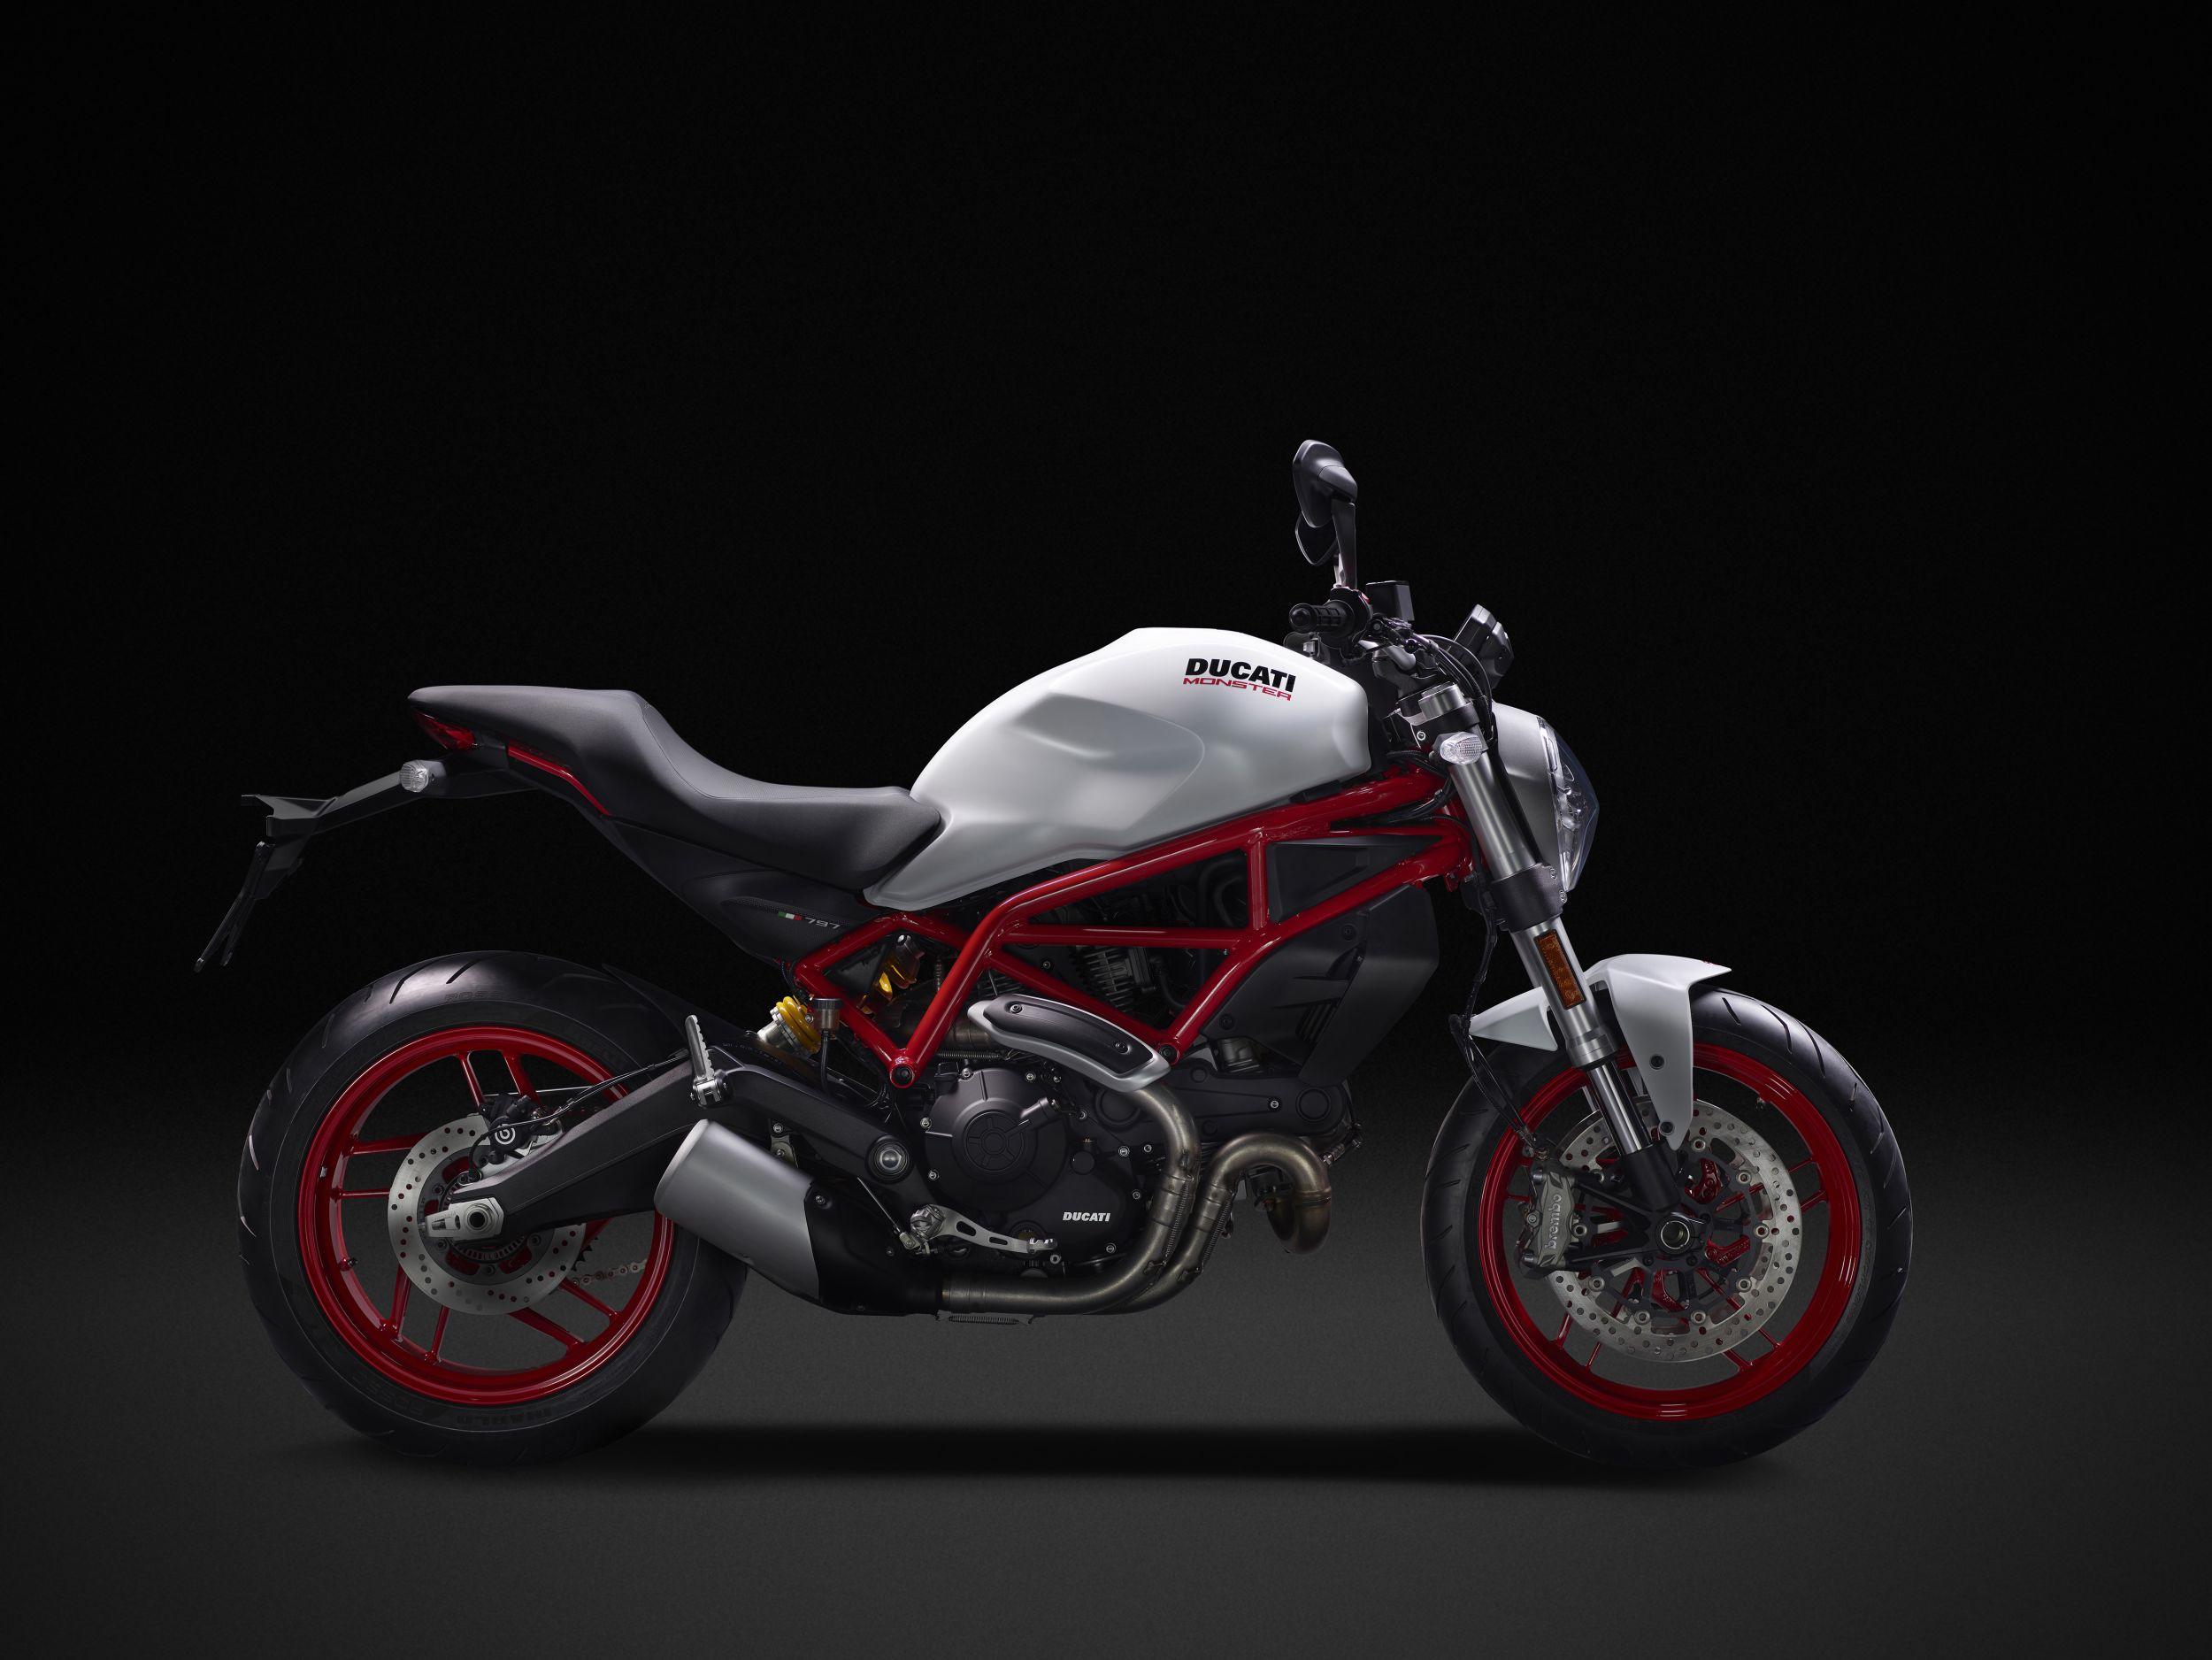 ducati modelle motorrad motorrad meisterei lange e k. Black Bedroom Furniture Sets. Home Design Ideas